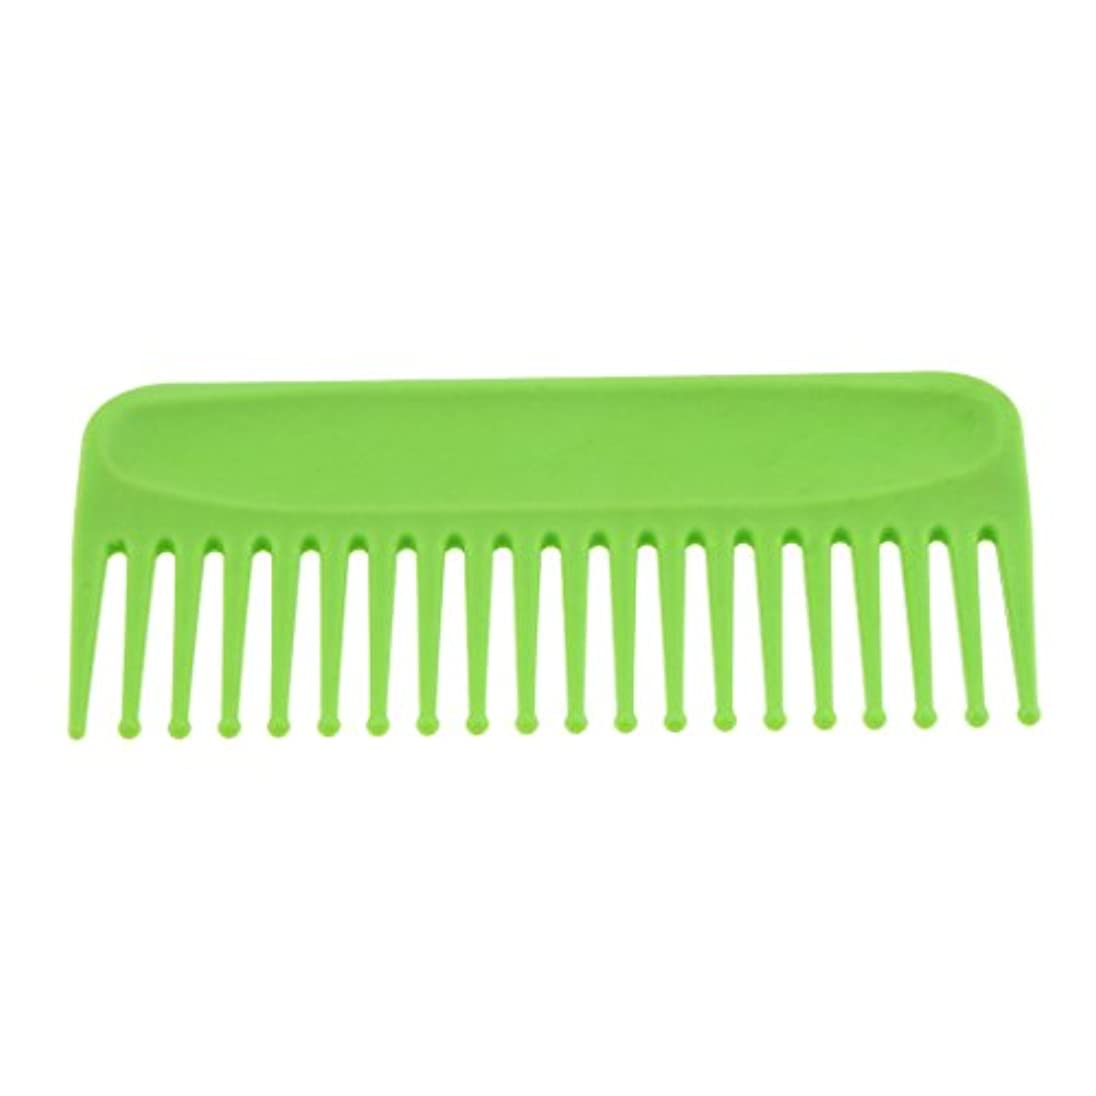 バイアスアヒルどっちKesoto ヘアブラシ ヘアコーム コーム 櫛 くし サロン ヘアケア 耐熱性 帯電防止 頭皮 マッサージ 丸いヘッド 4色選べる - 緑